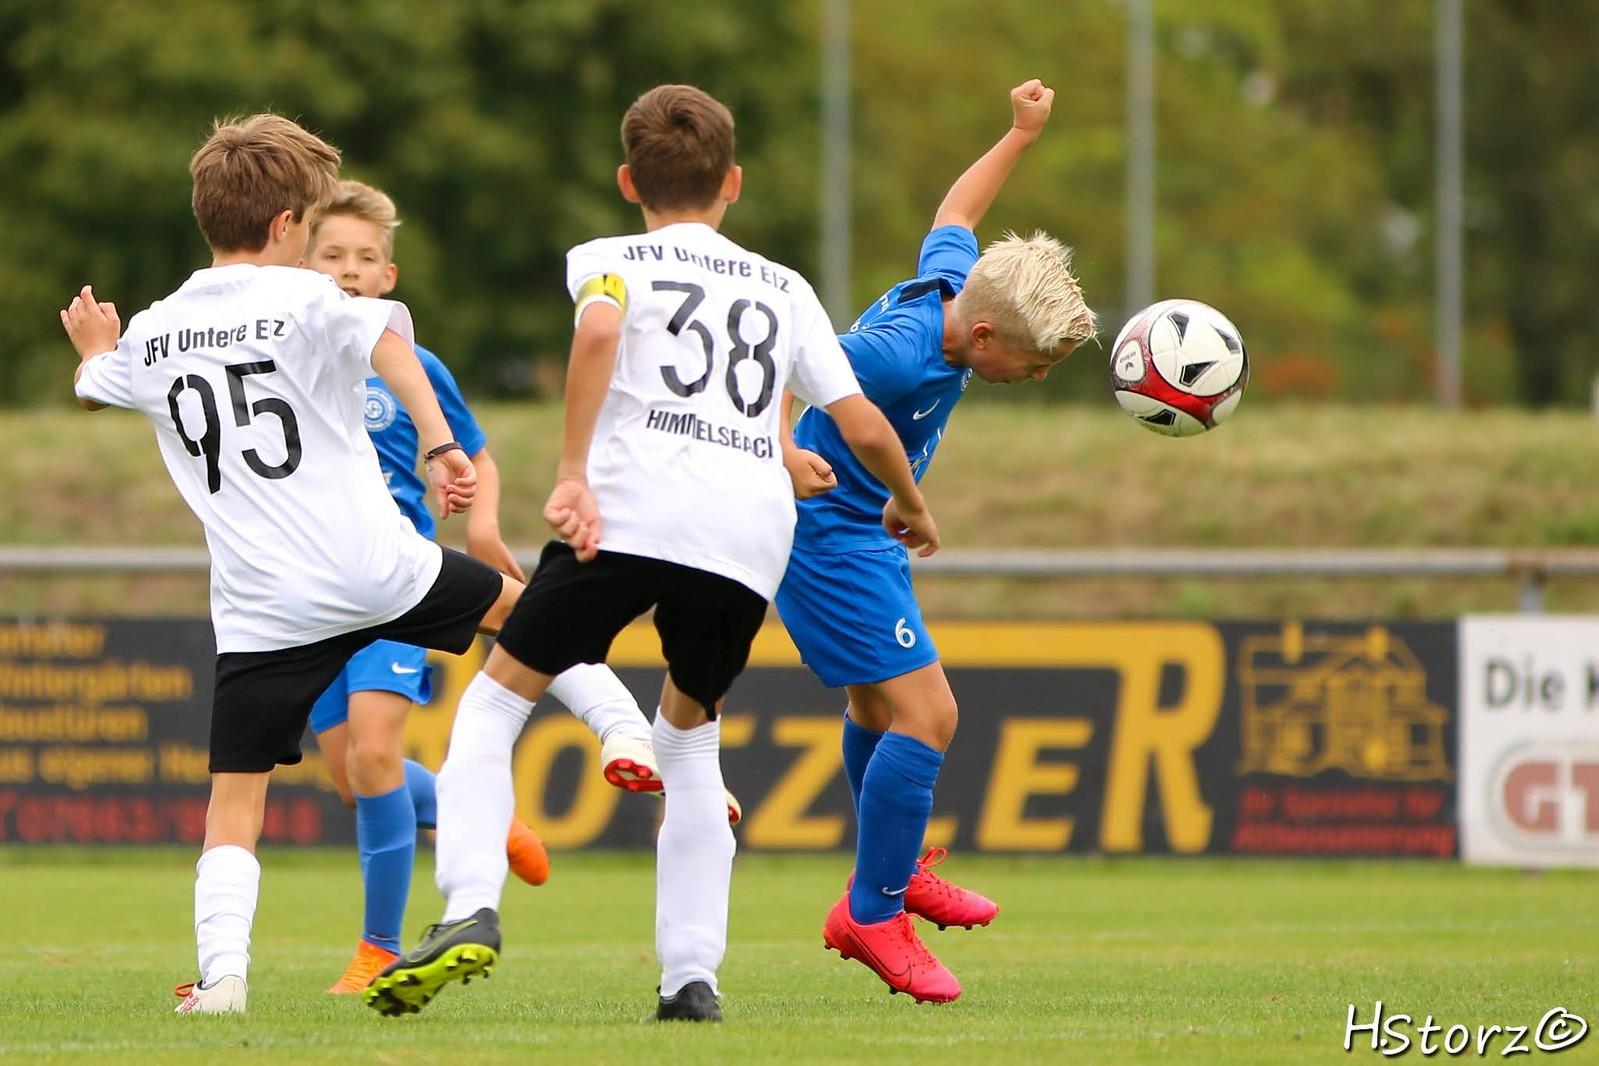 29.08.20 D-JFV Untere Elz -SF Eintracht Freiburg 3 1:6